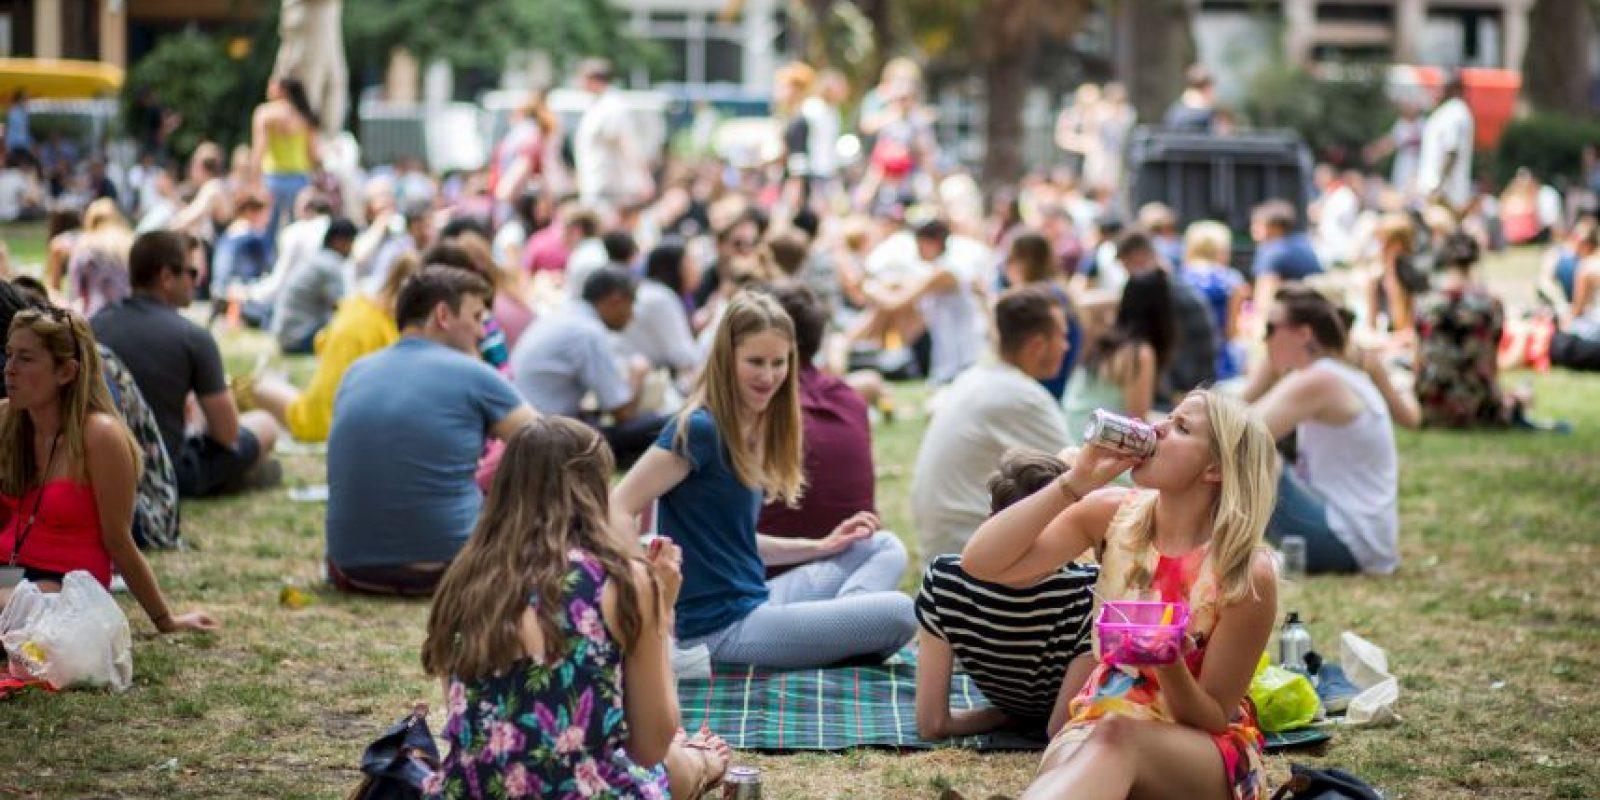 Mientras que el clima más cálido está siendo disfrutado por muchos, los gobiernos aconsejan a las personas a permanecer fuera del sol. Foto:AFP